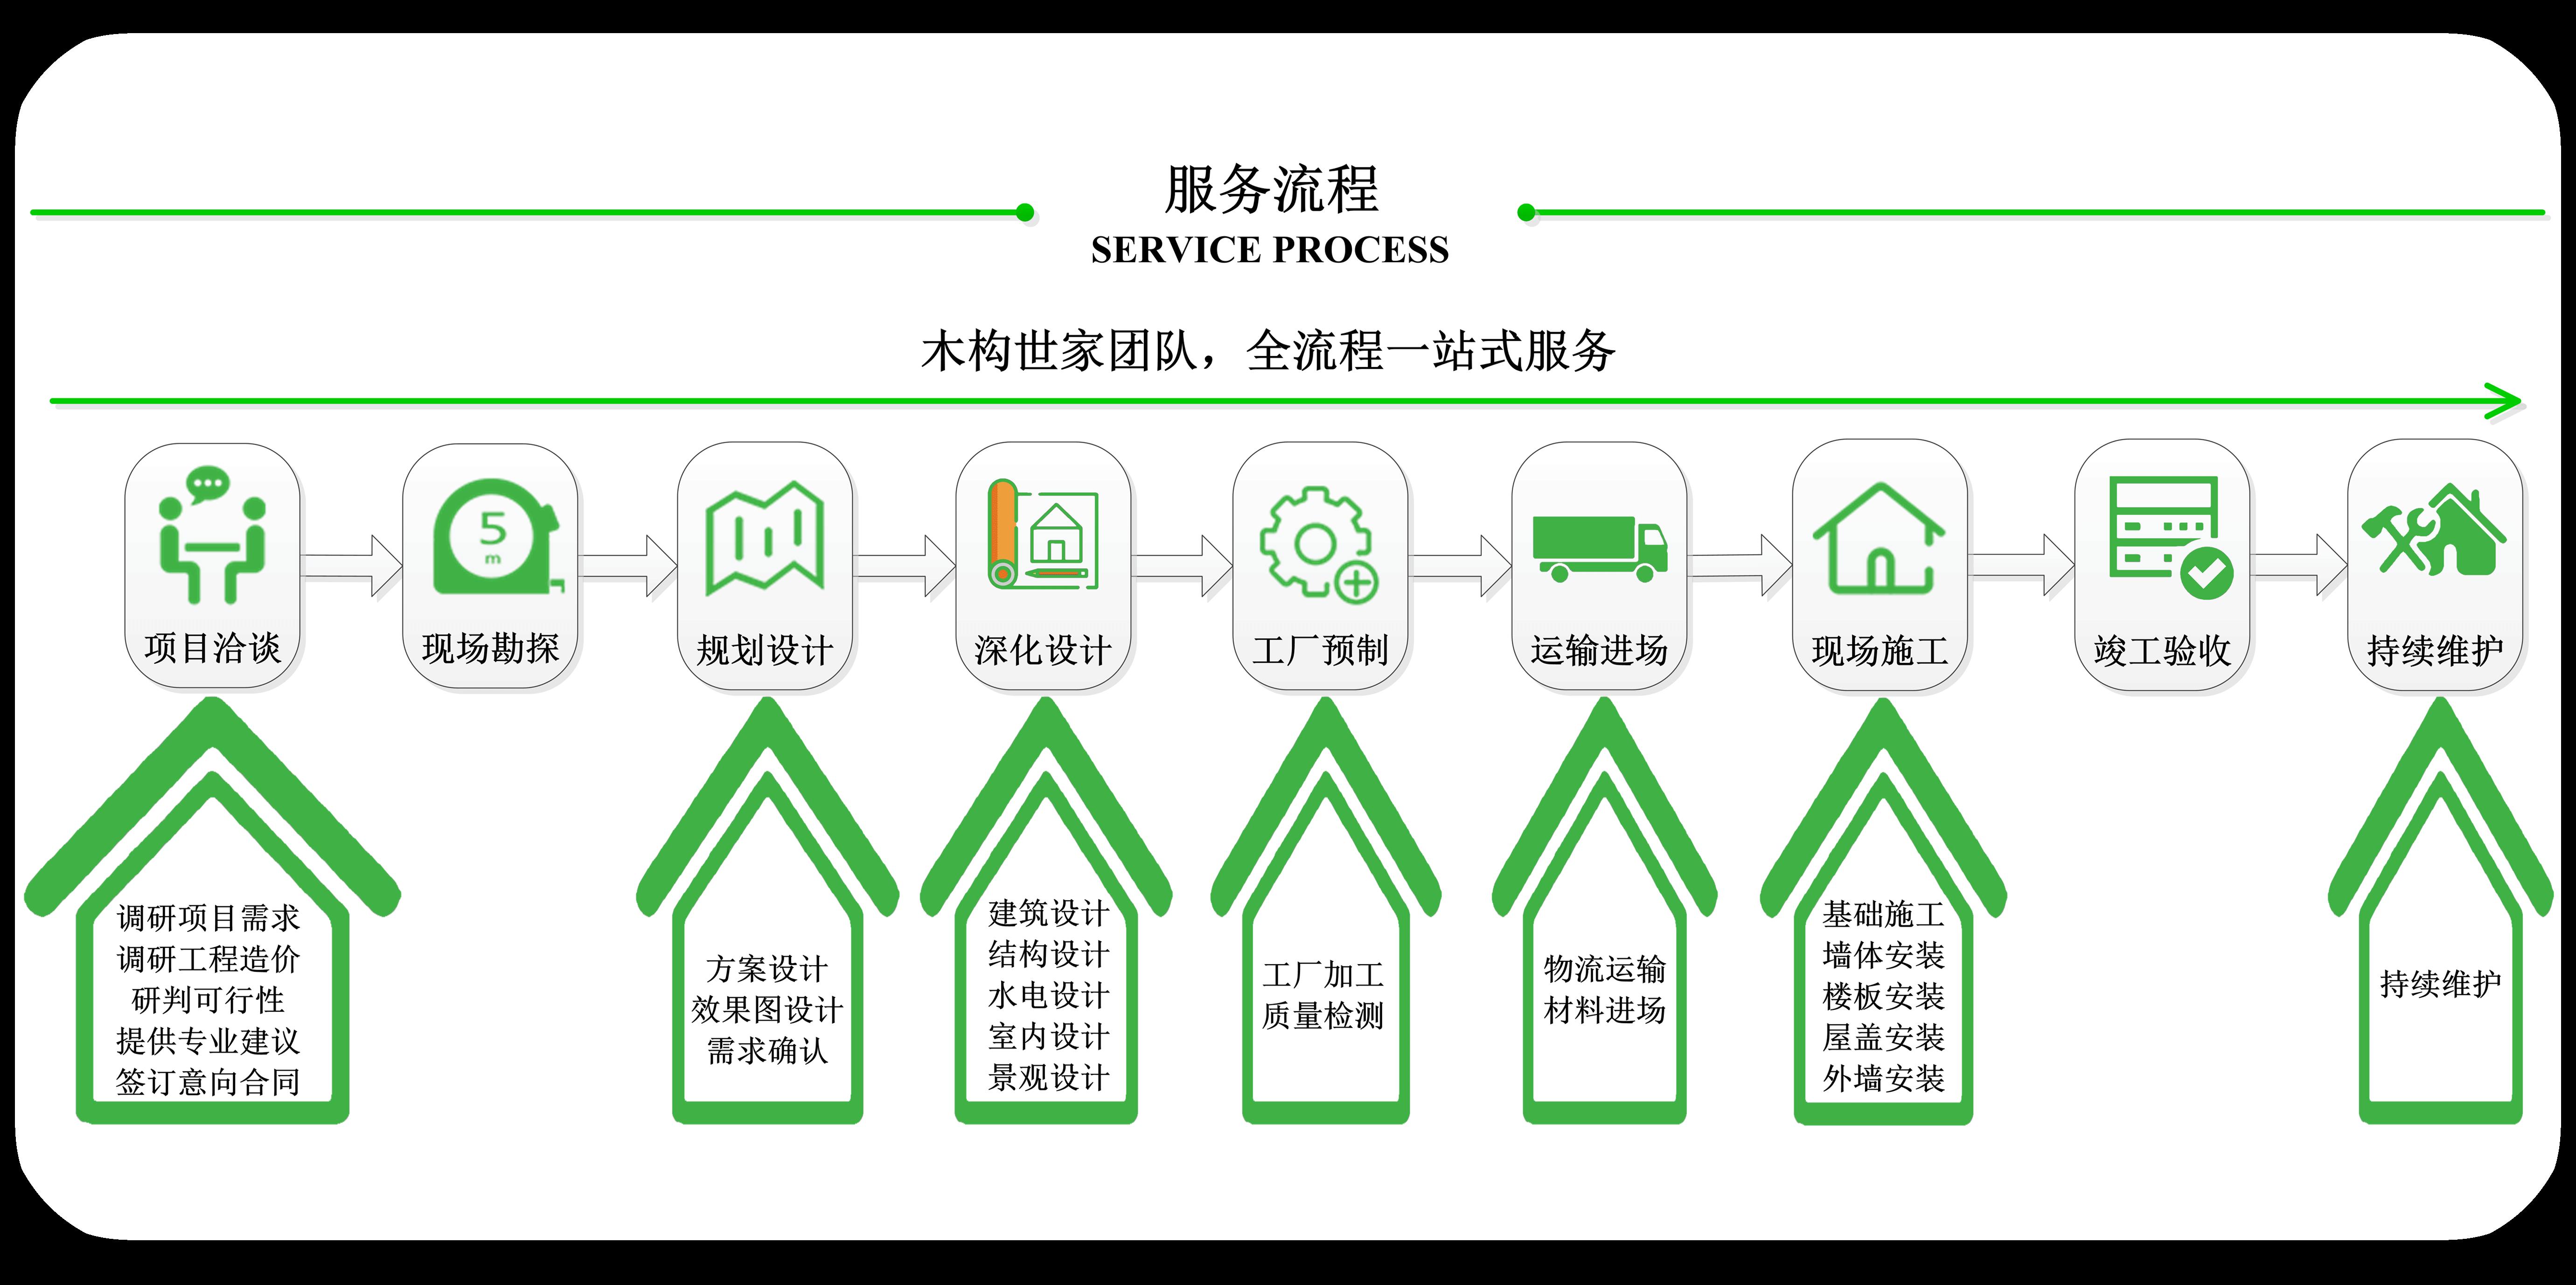 永禾木别墅服务流程